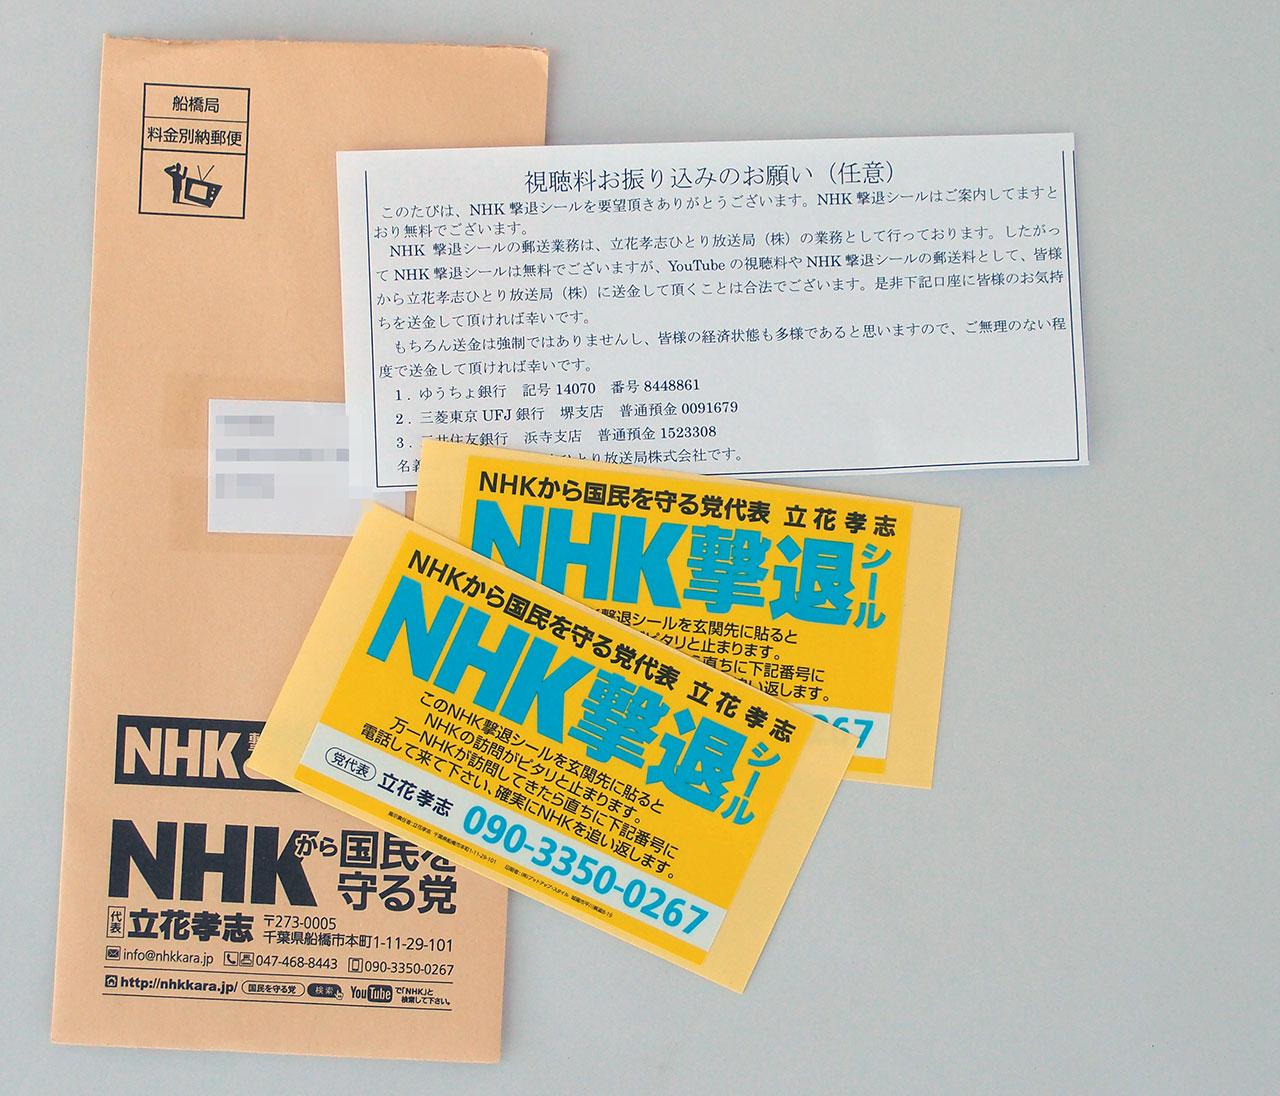 NHK撃退シールが届いた、NHKから国民を守る党から - Migsisの雑記帳